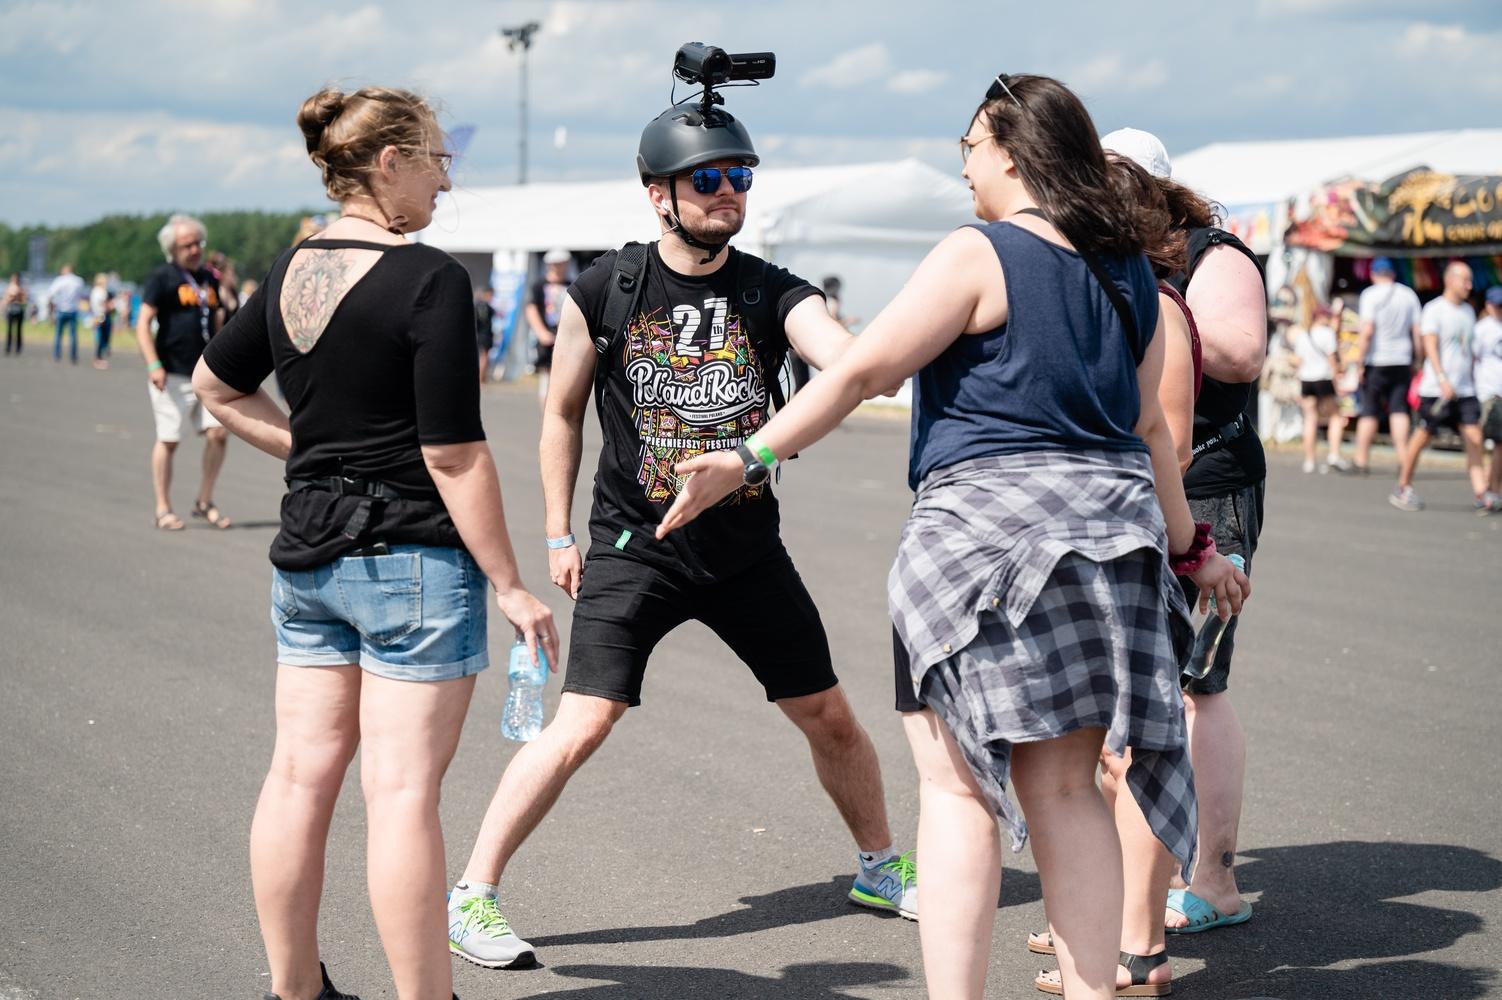 Wirtualny spacer z Karolem Paciorkiem, fot. Marcin Michon